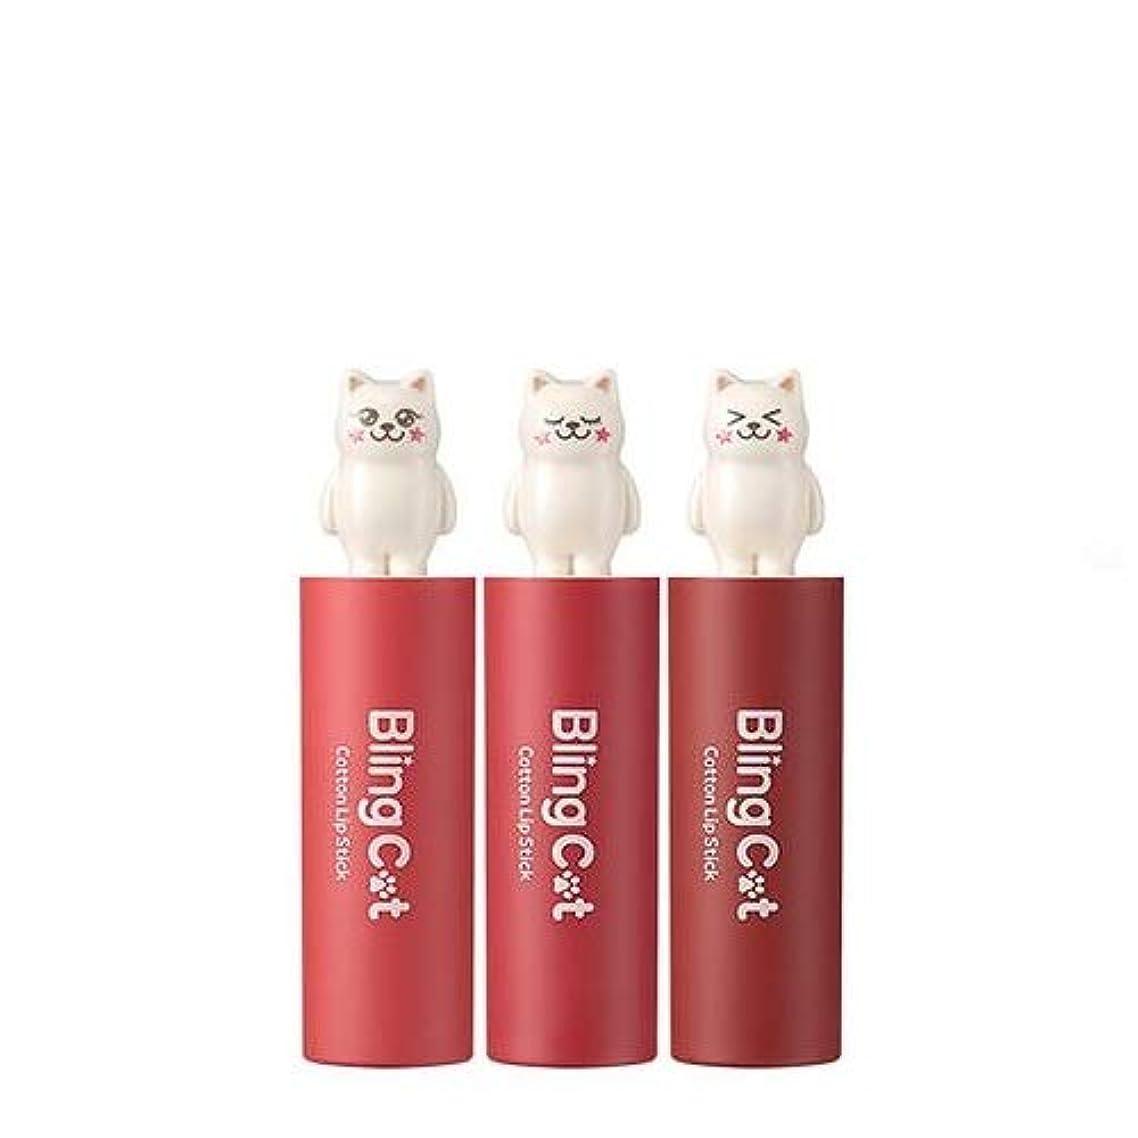 固有のピニオンシビックトニーモリー ブリングキャット コットン リップスティック 3.4g / TONYMOLY Bling Cat Cotton Lipstick # 03. Stay Darling [並行輸入品]